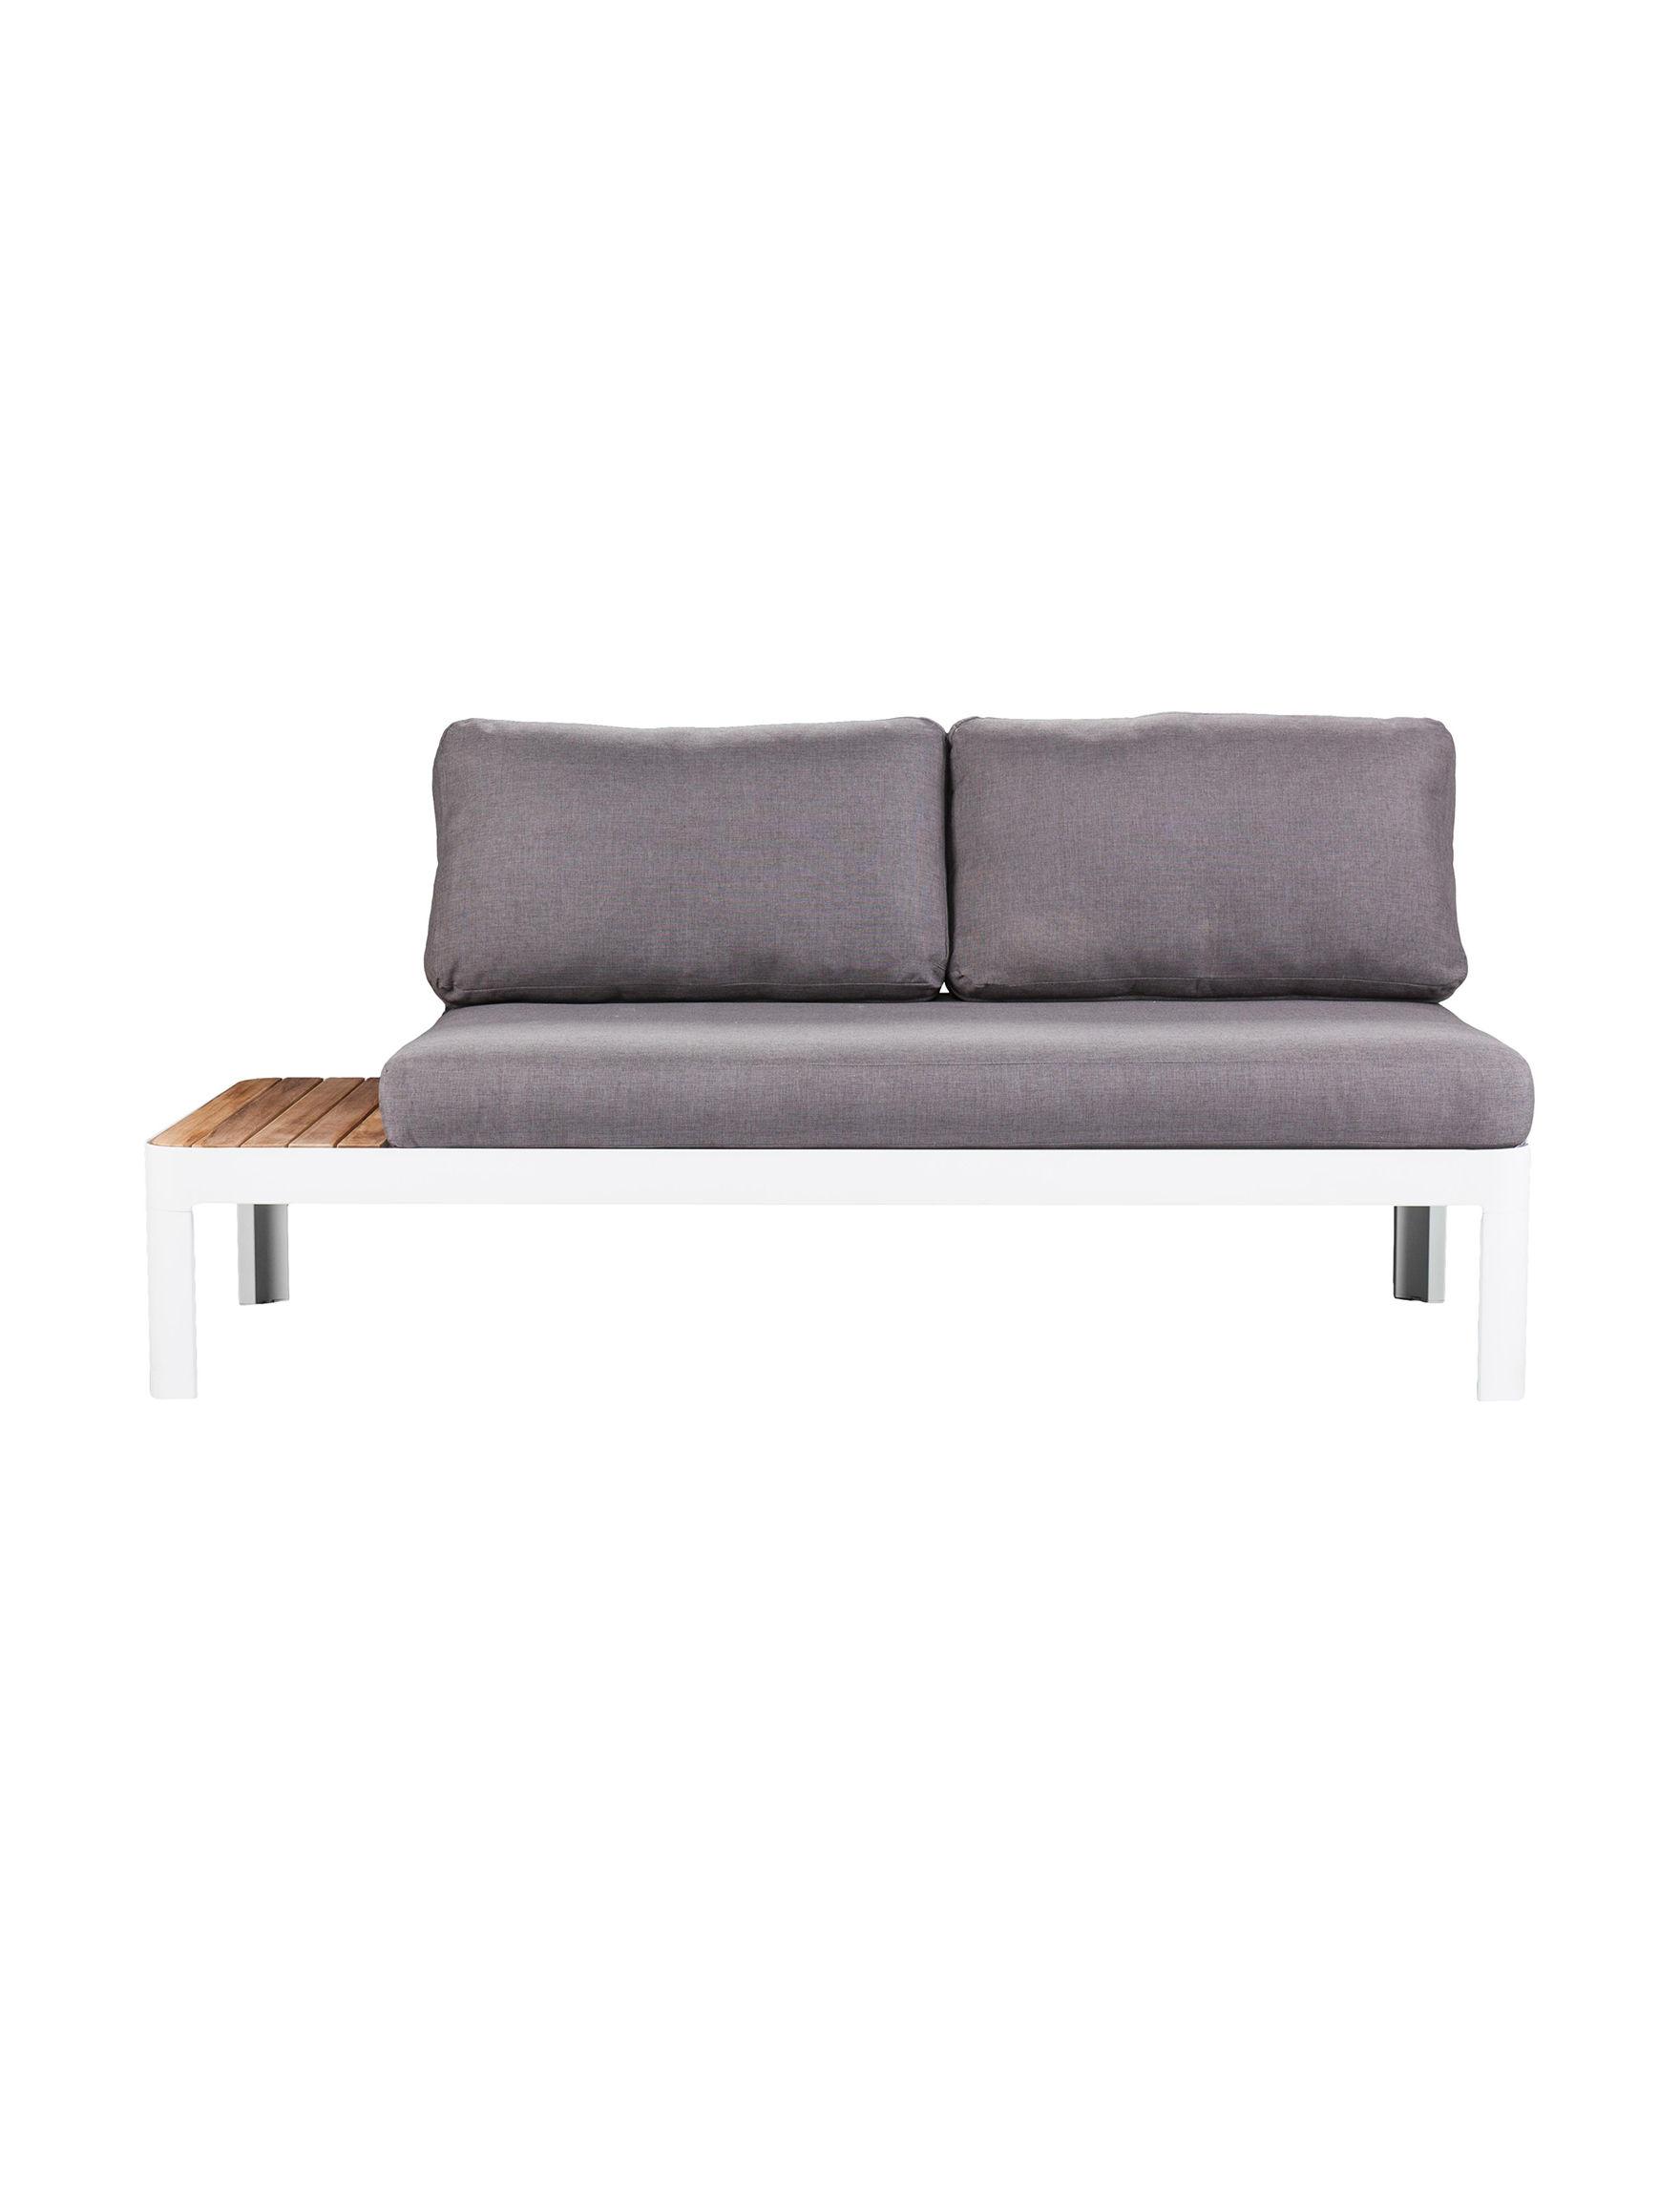 Southern Enterprises Grey Outdoor Decor Outdoor Entertaining Patio & Outdoor Furniture